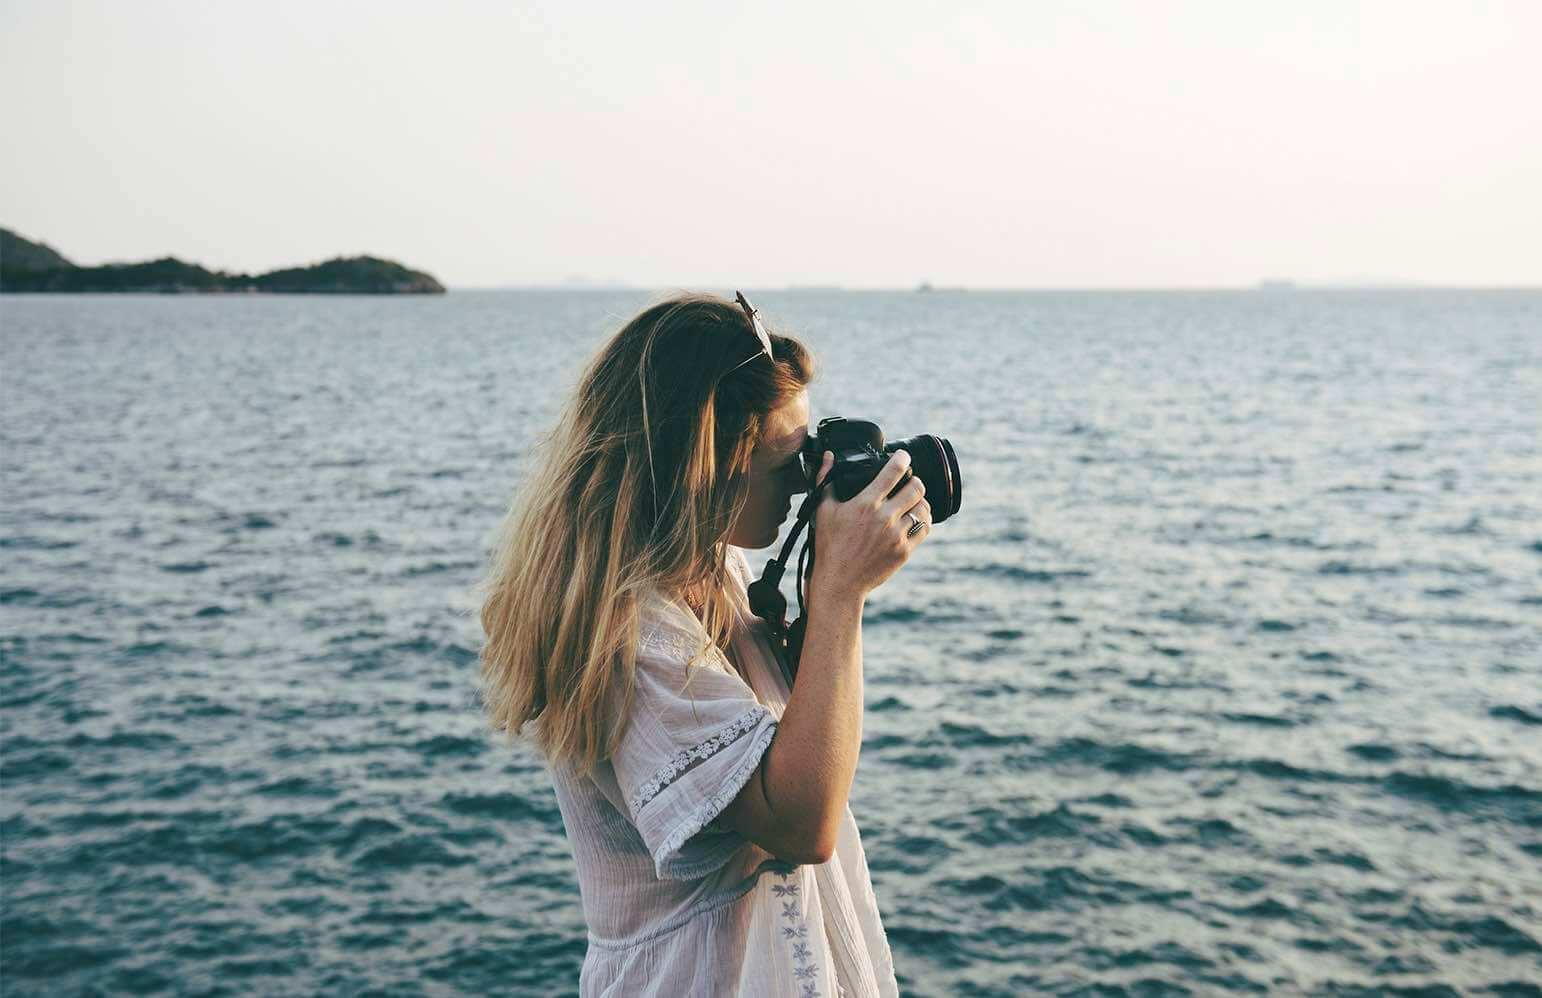 Le top 10 des meilleurs blogs voyage